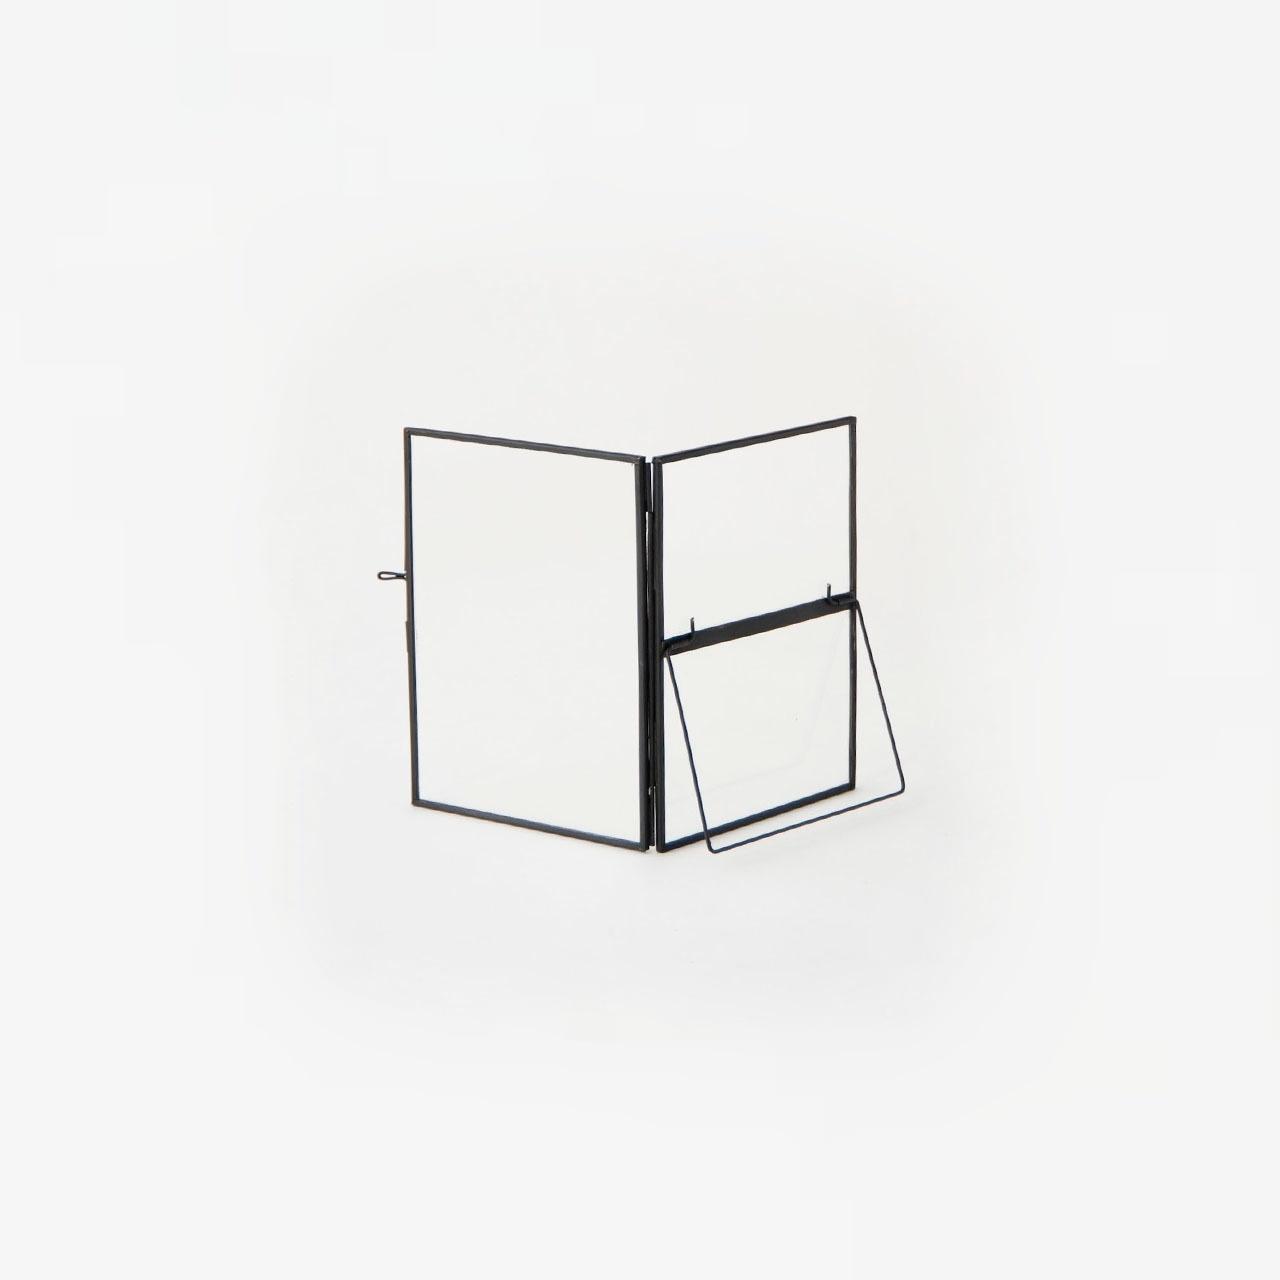 Hubsch fotolijst met voet - metaal & glas - zwart - set van 3